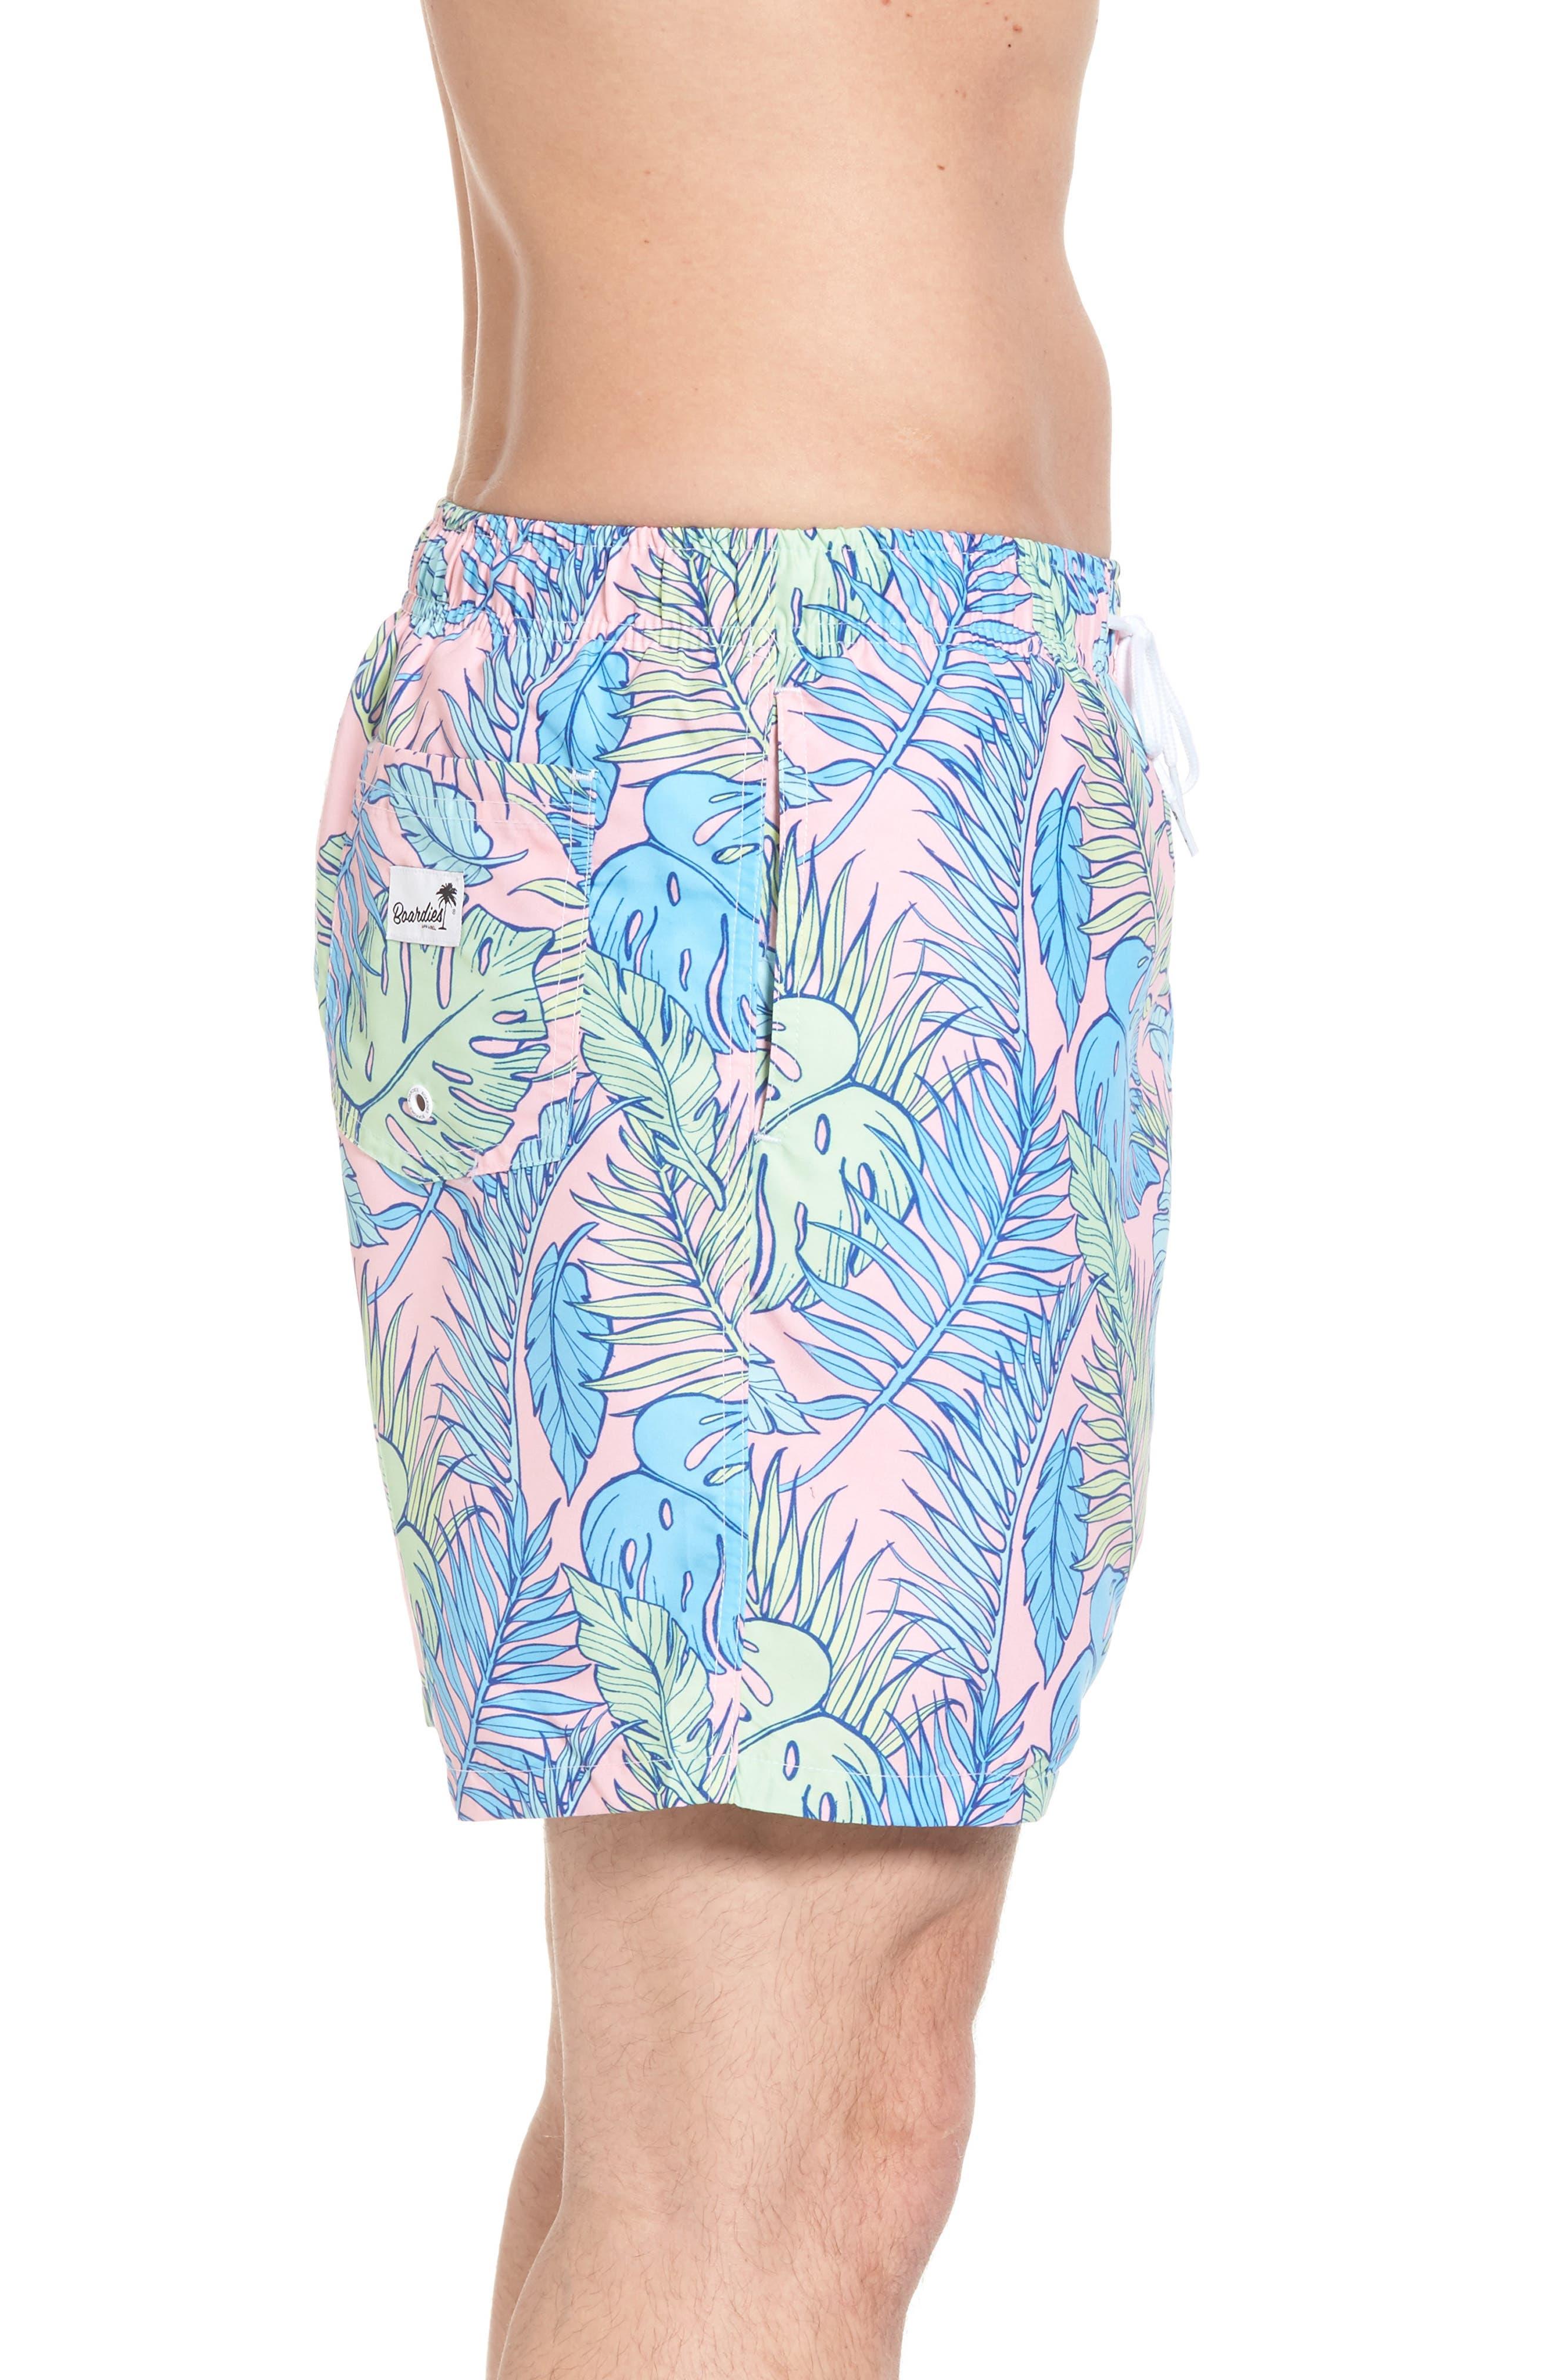 Palmtopia Swim Shorts,                             Alternate thumbnail 3, color,                             MULTI